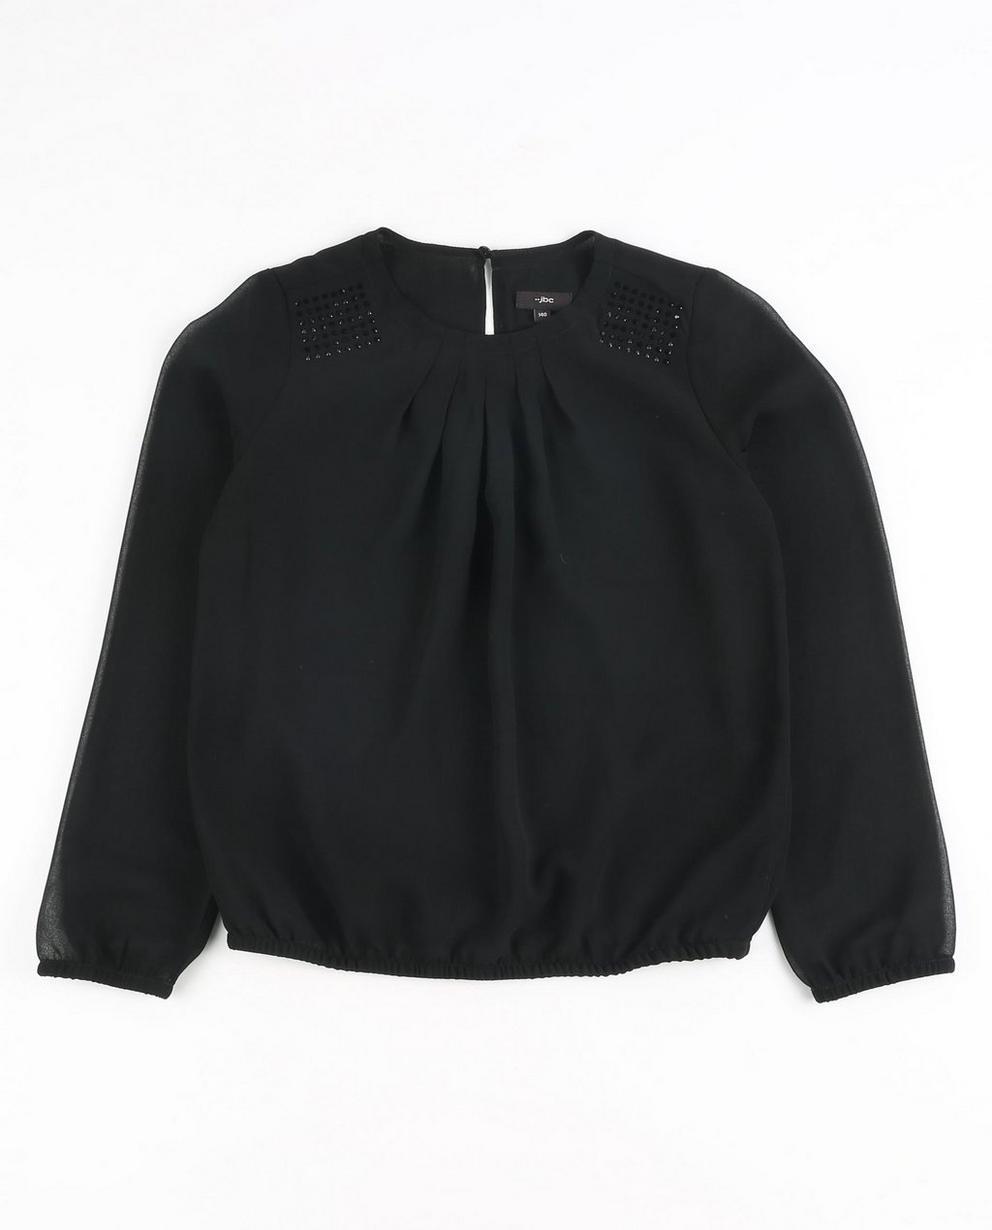 Schwarze Bluse mit Strass - semitransparent - JBC